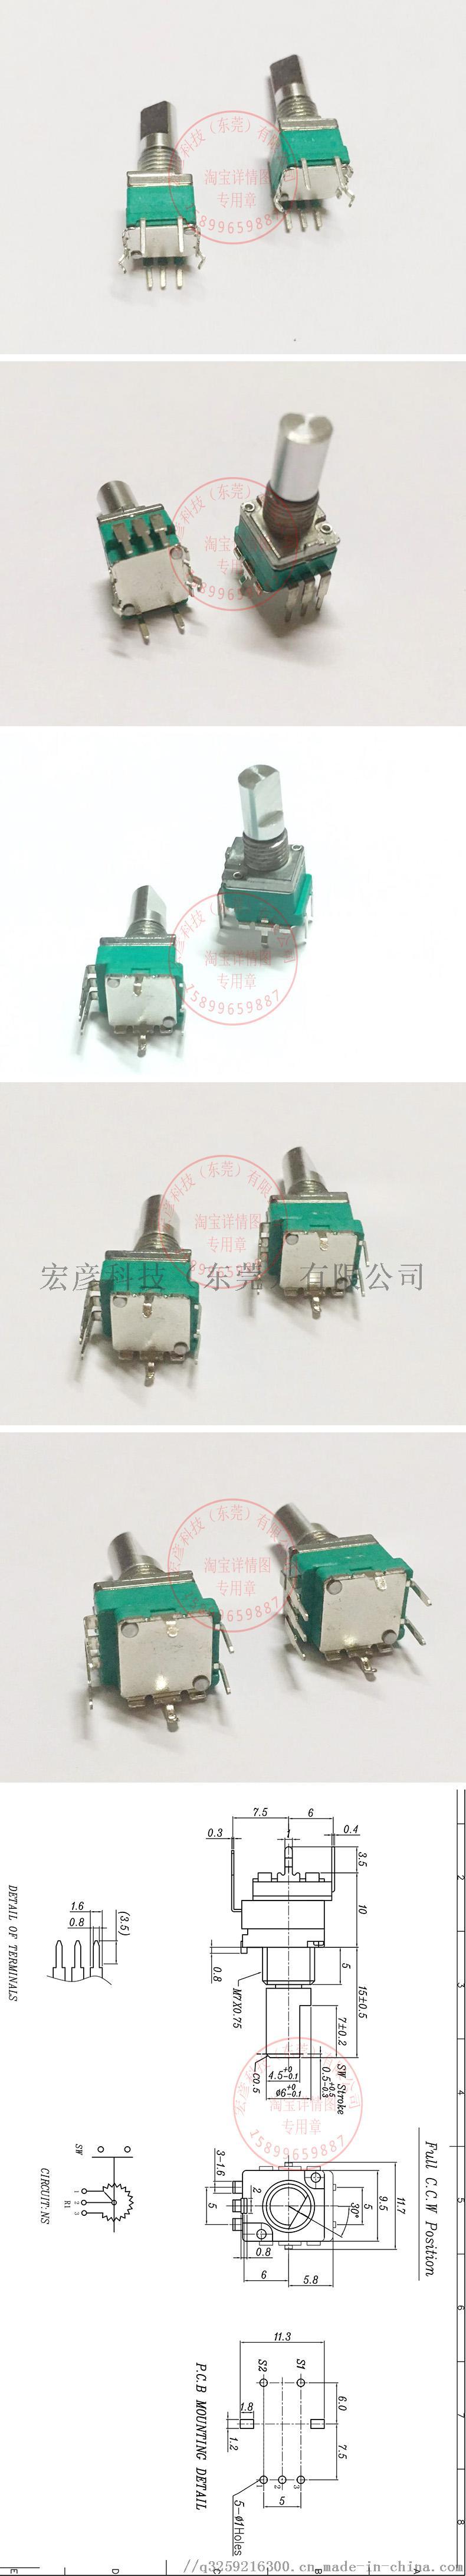 097-LS-790詳情.jpg